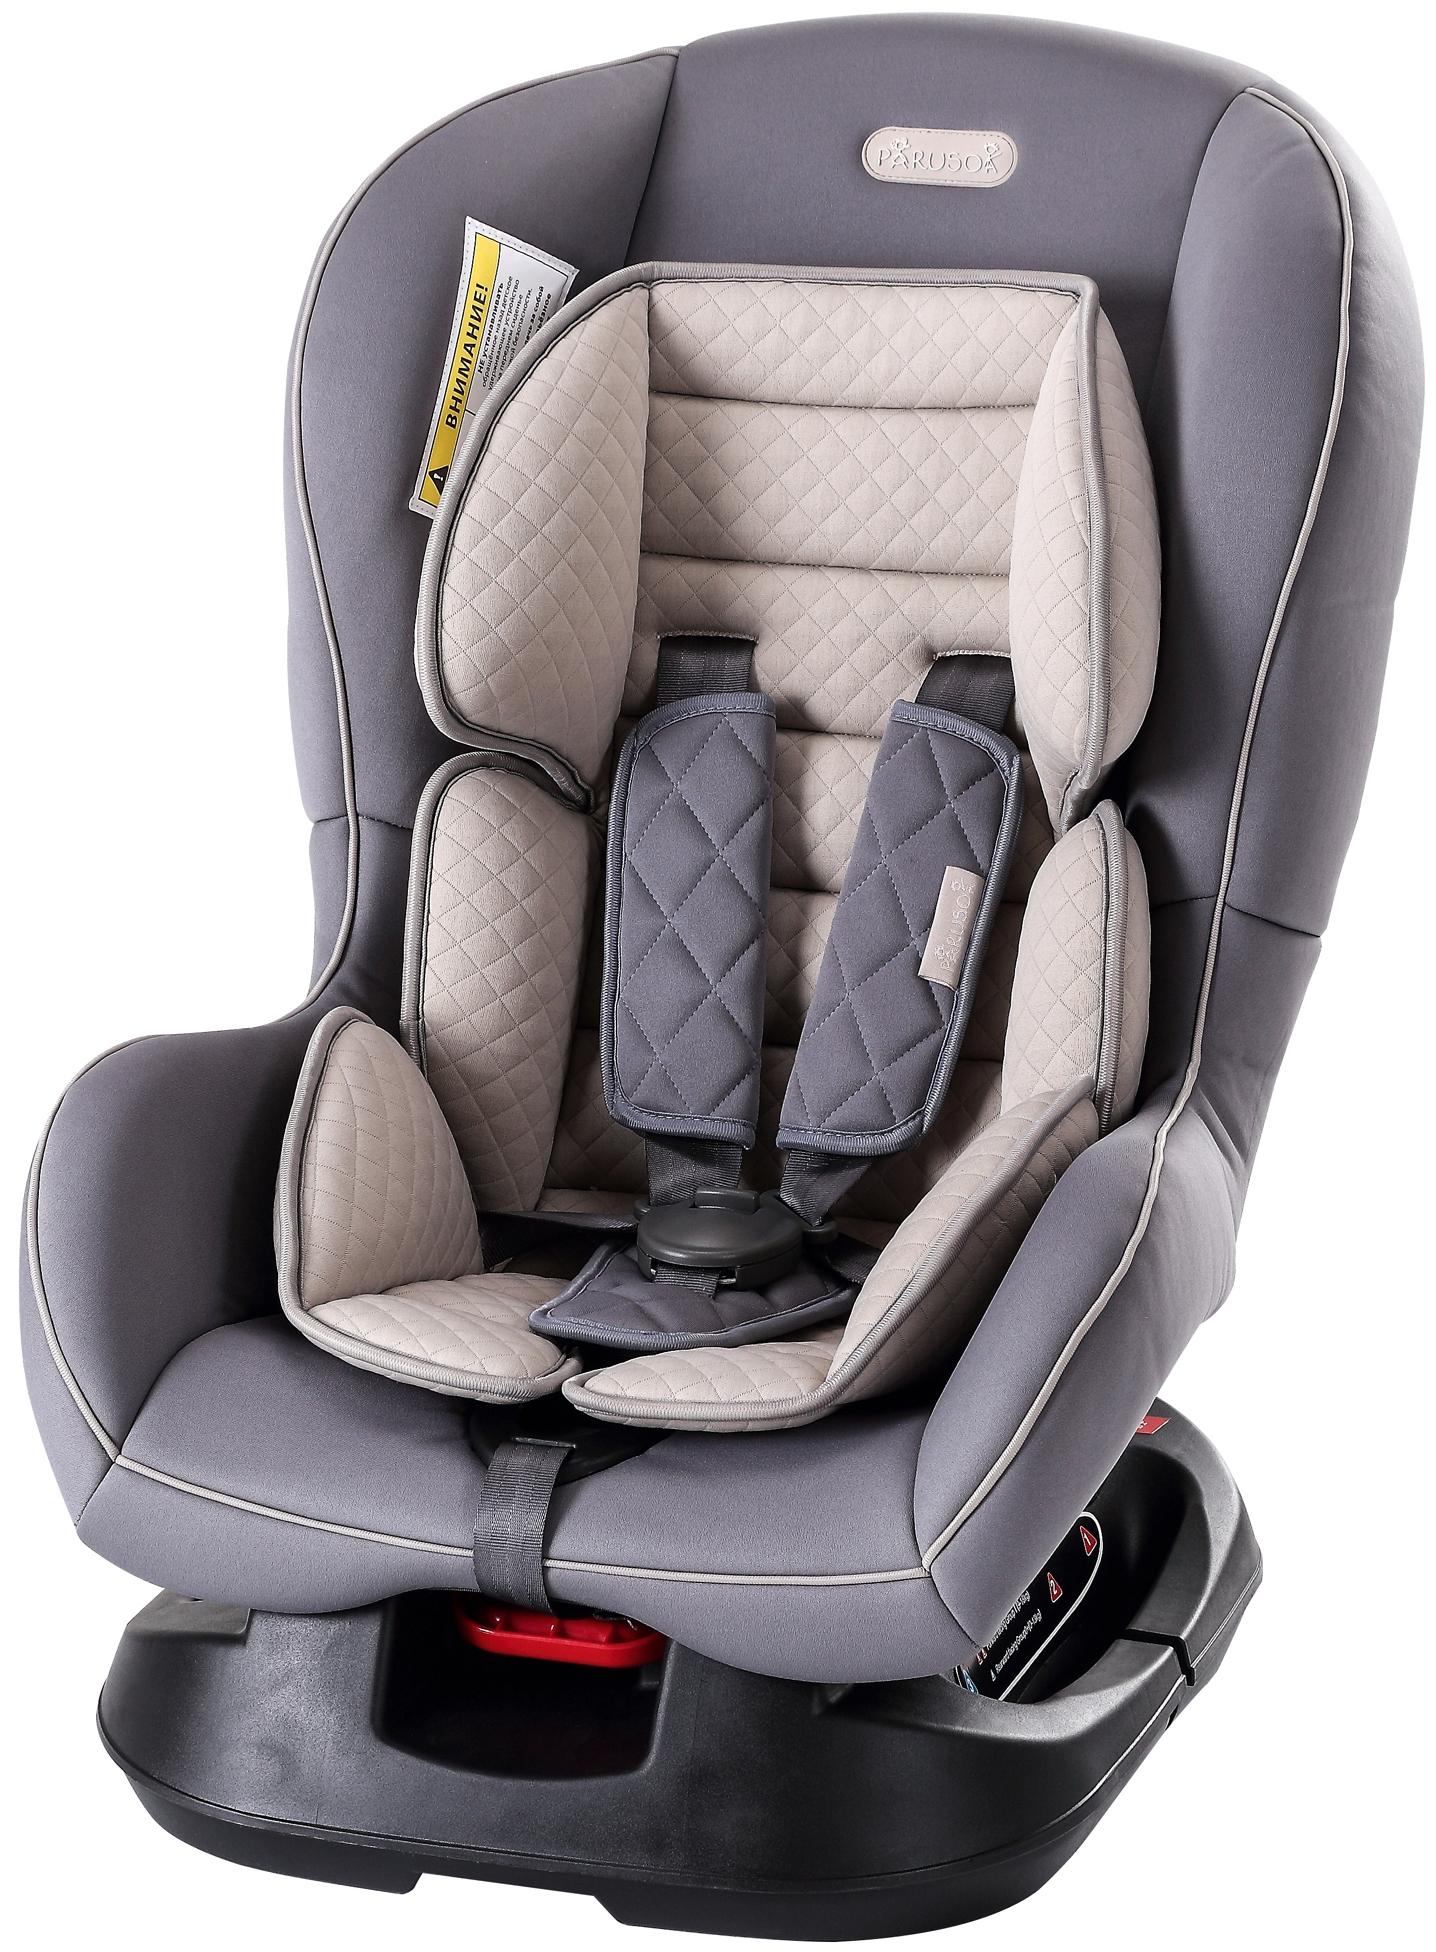 Автокресло Parusok Parusok 0-18 кг детское автомобильное кресло parusok marin v2 isofix pr 115is